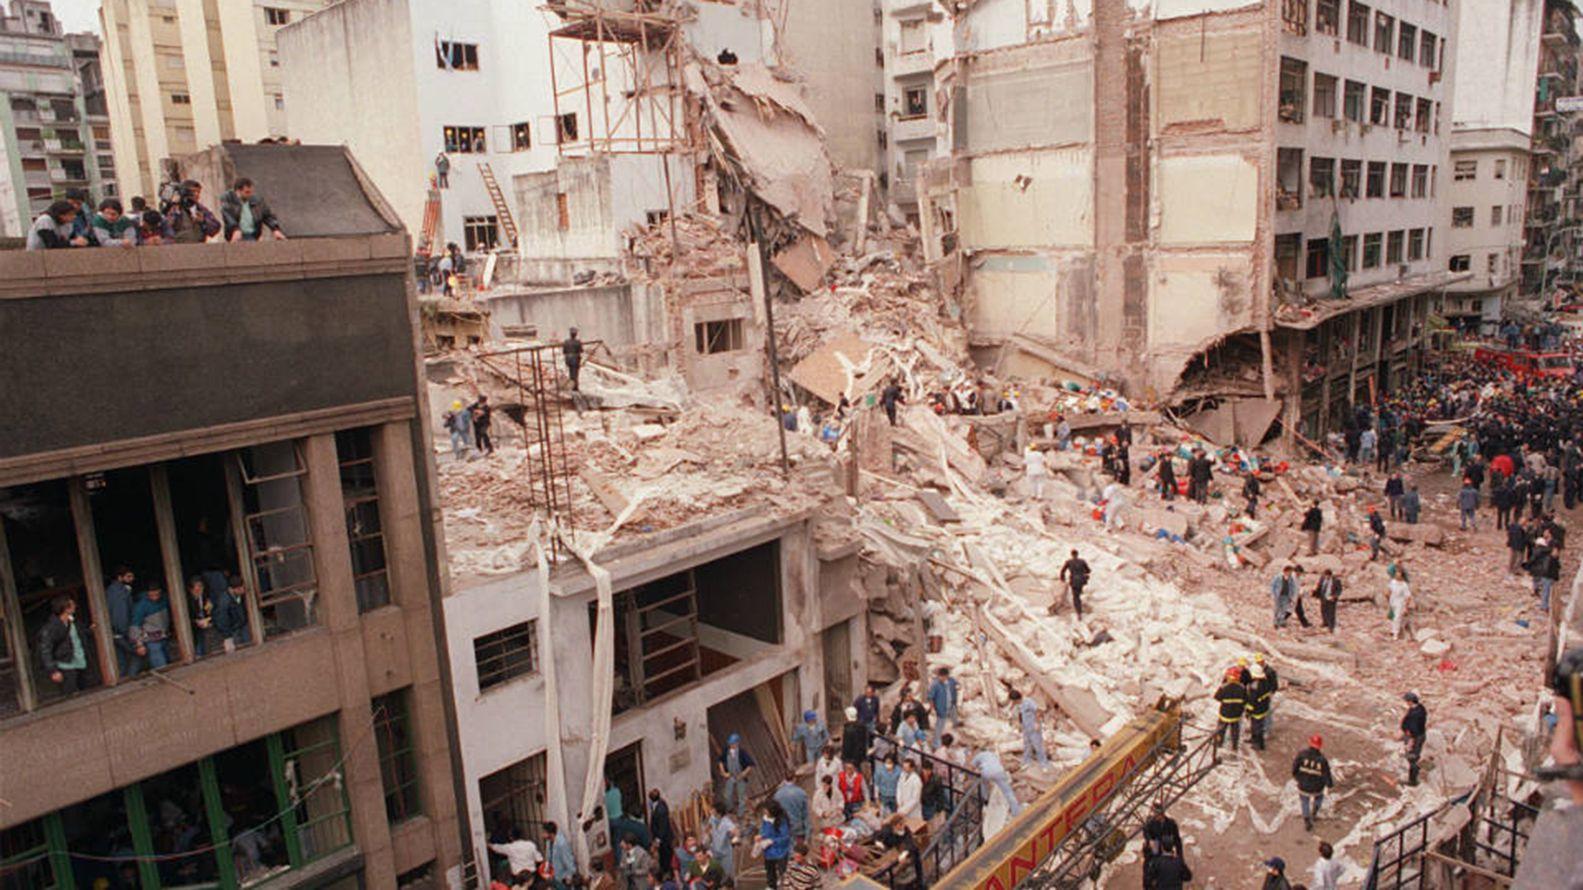 Los escombros de la AMIA (Asociacion de Mutuales Israelitas Argentinas) tras el atentado en Buenos Aires, Argentina del 18 de julio de 1994, que dejara como saldo 85 muertos y mas de 300 heridos. (Miguel Ángel Méndez)